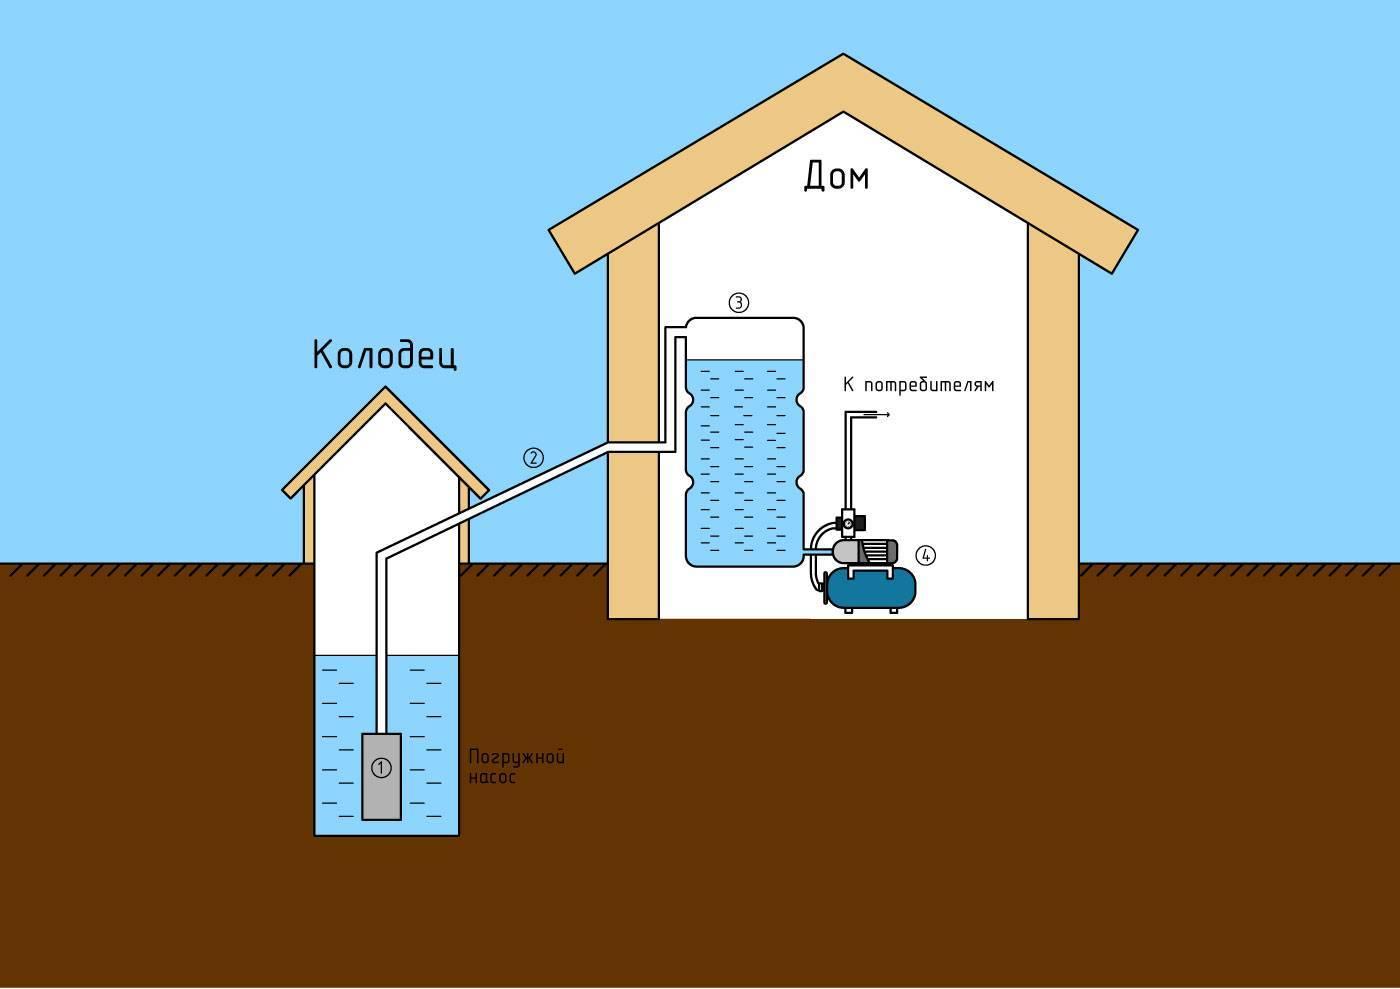 Как устроить водопровод на даче своими руками из колодца: схема устройства, монтаж